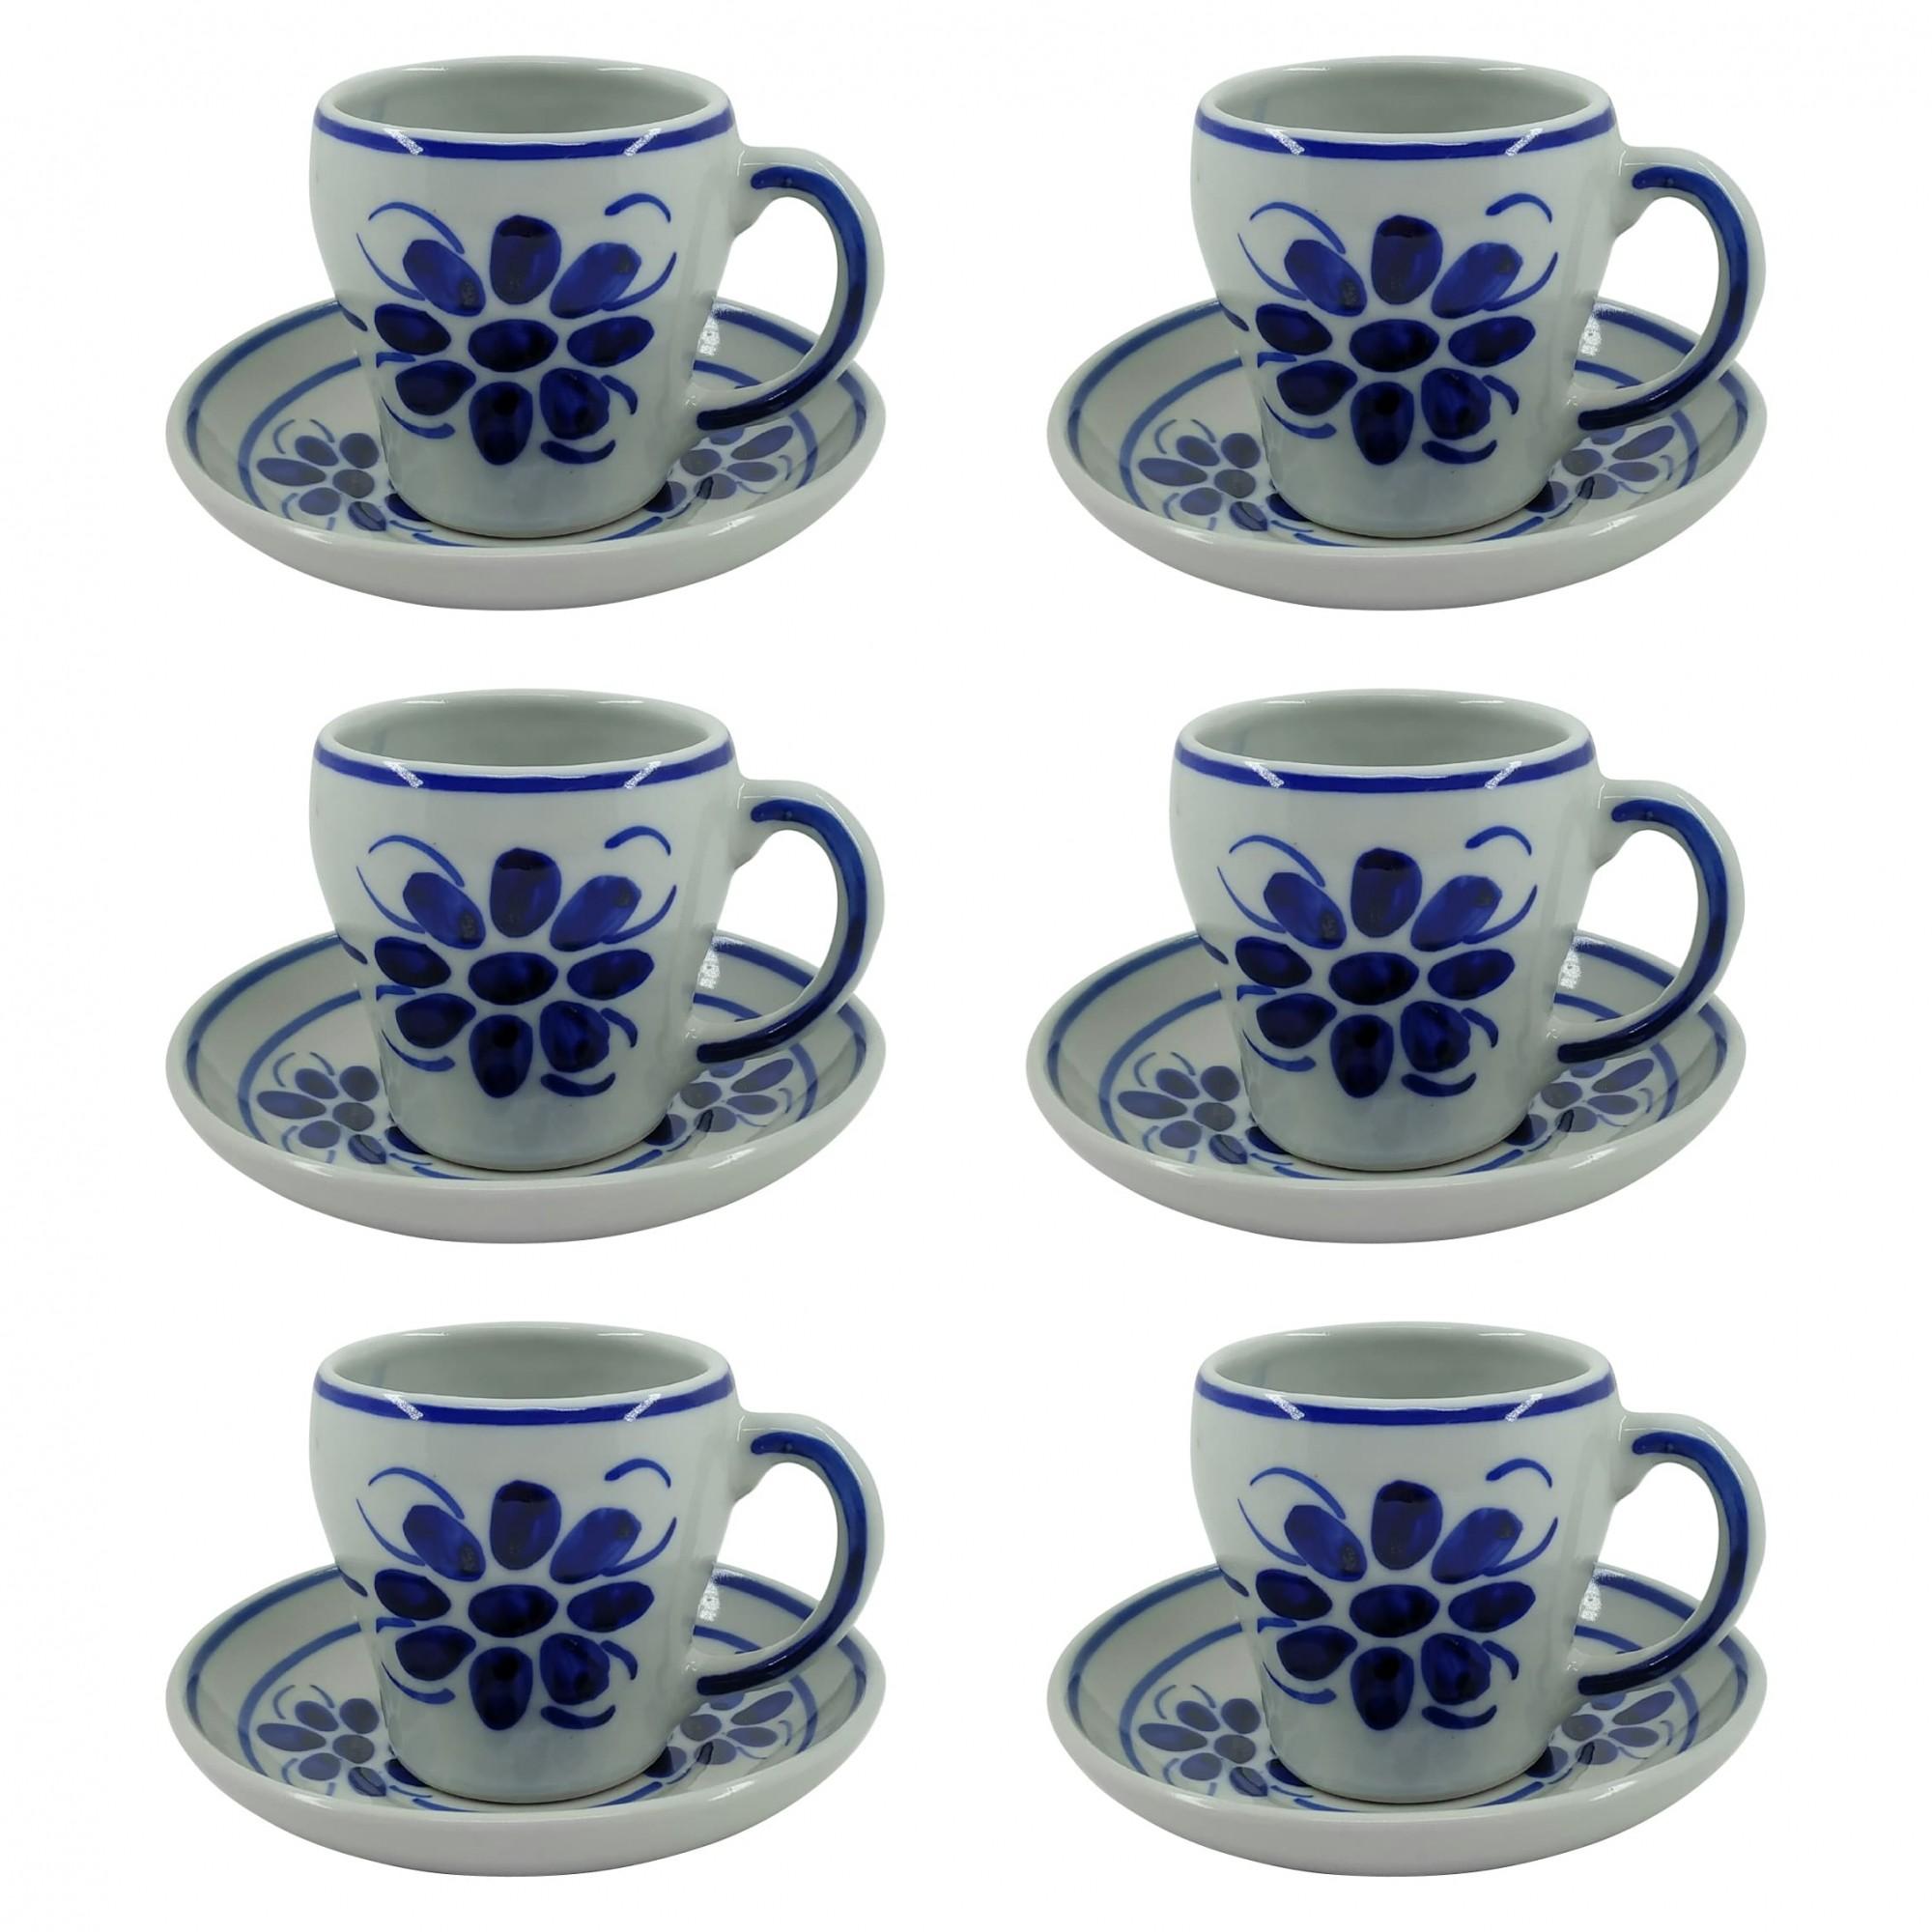 Jogo de 6 Xícaras de Chá e Pires em Porcelana Azul Floral 200 ml